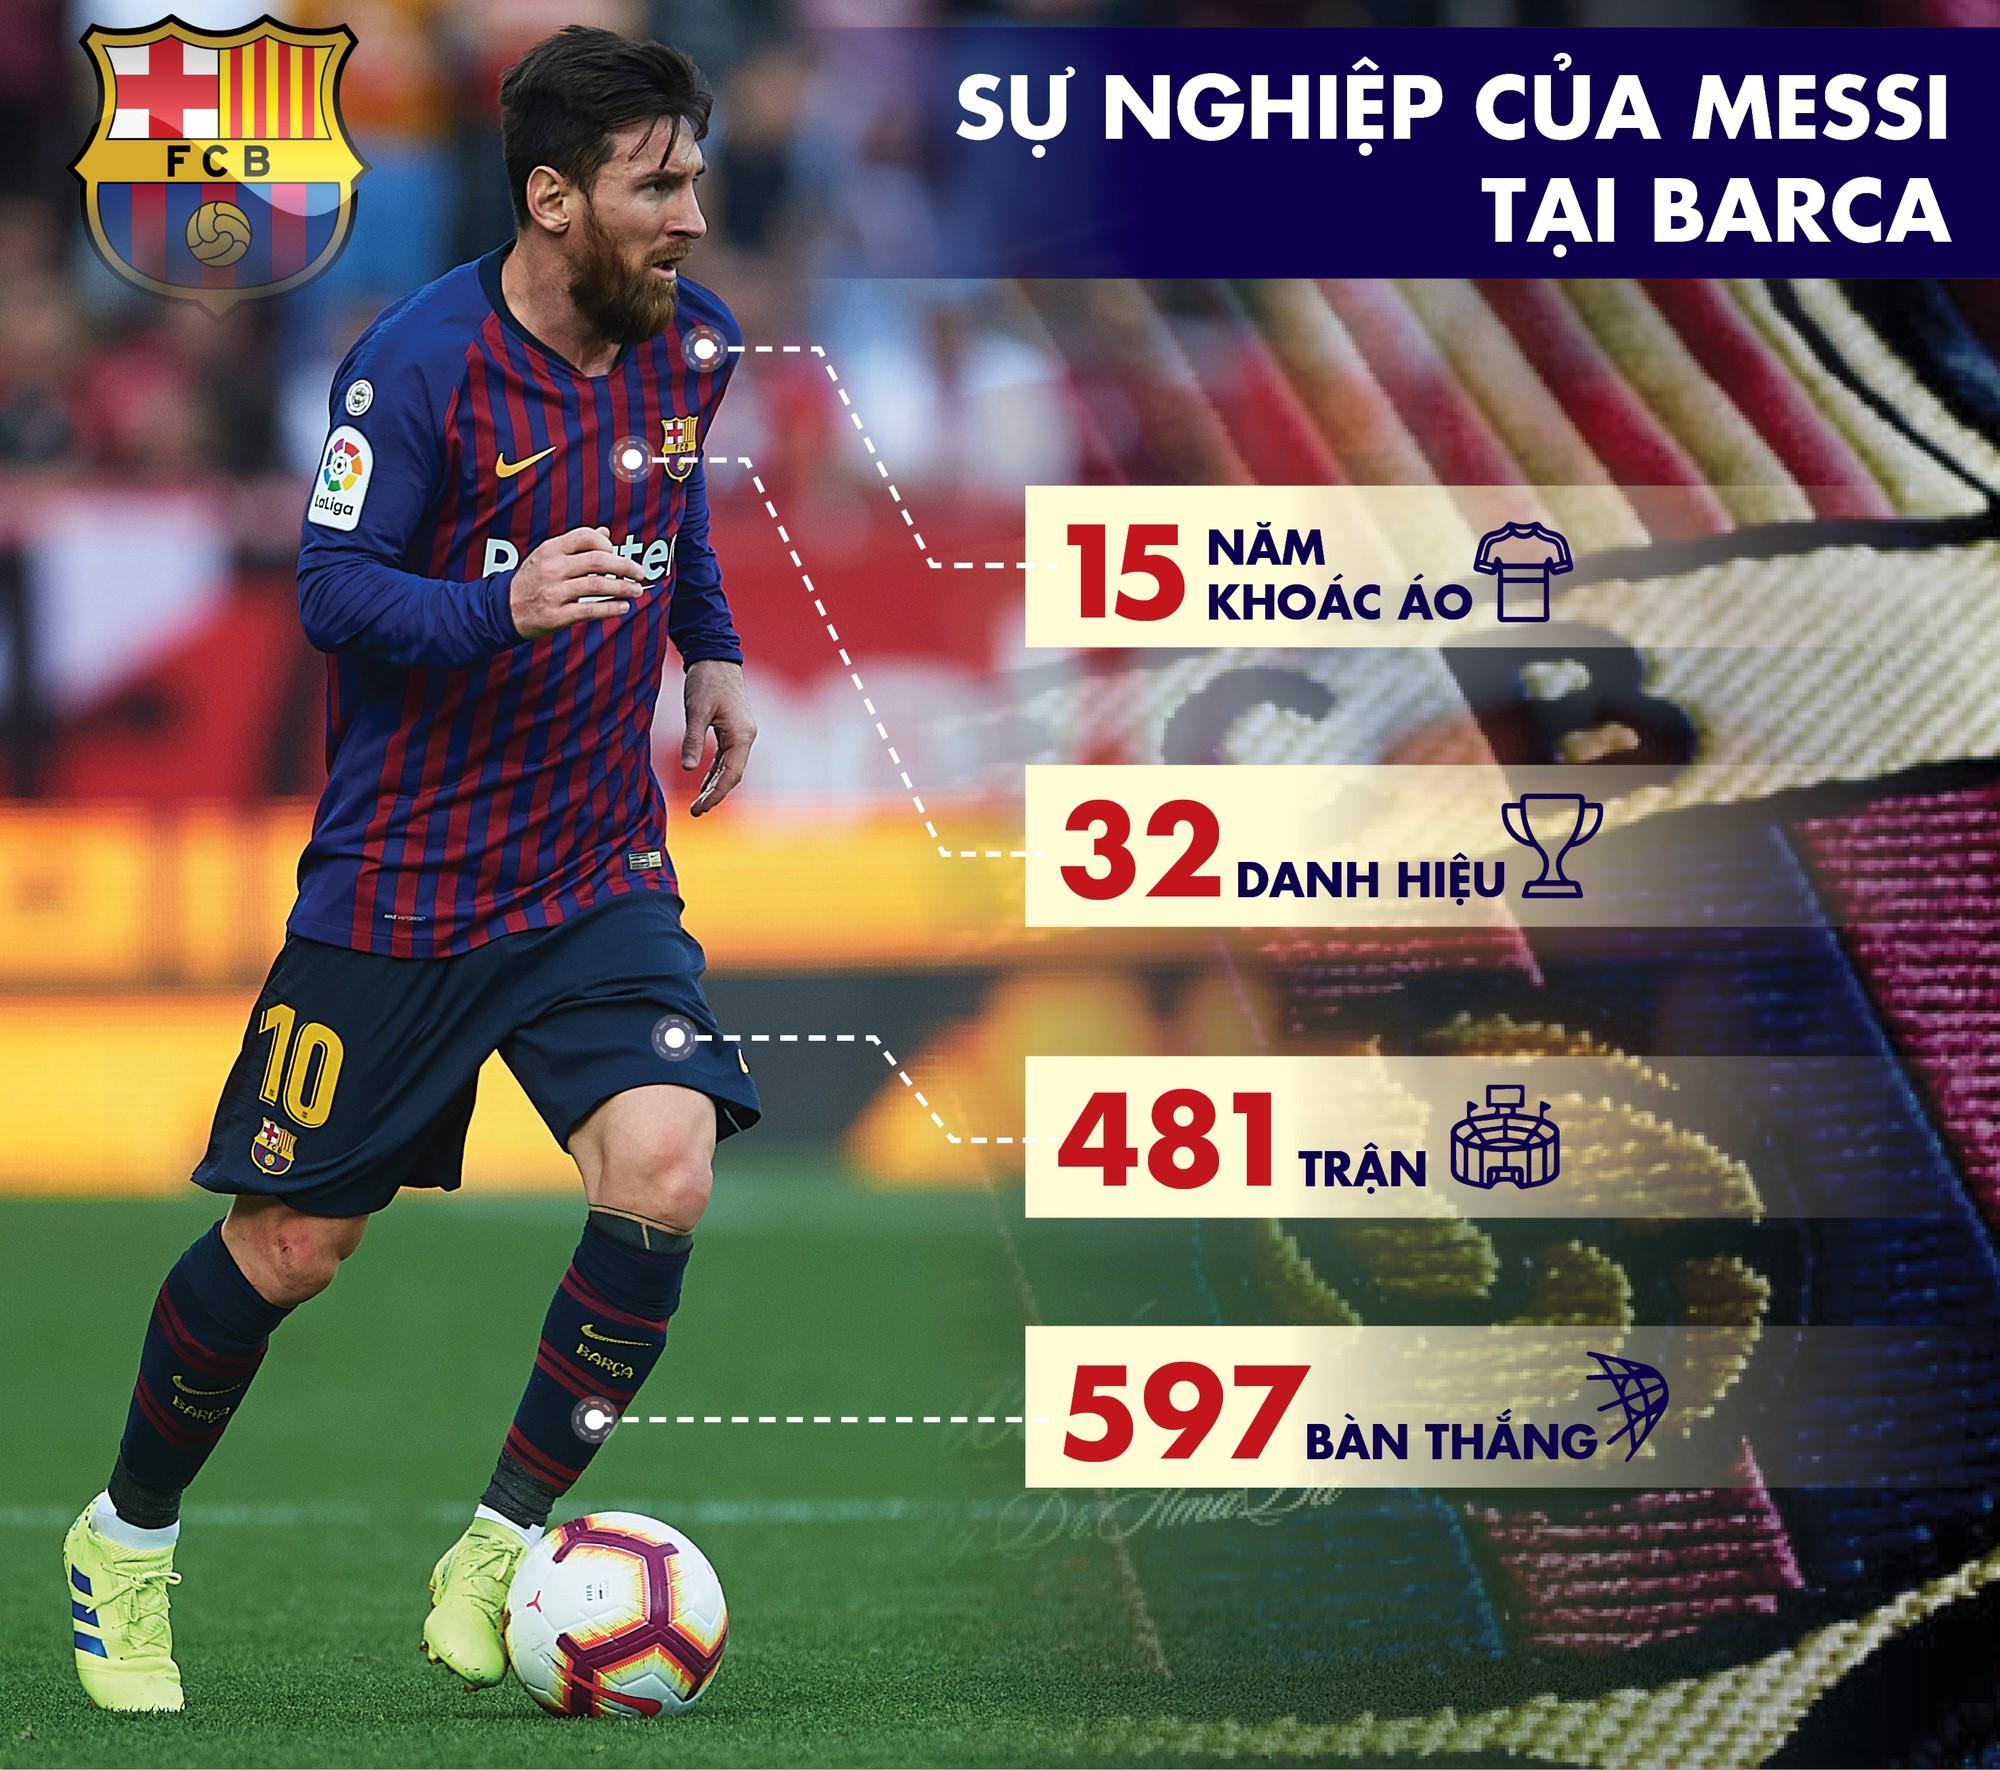 Barca & chiếc đầu kéo vĩnh cửu Messi - Ảnh 4.